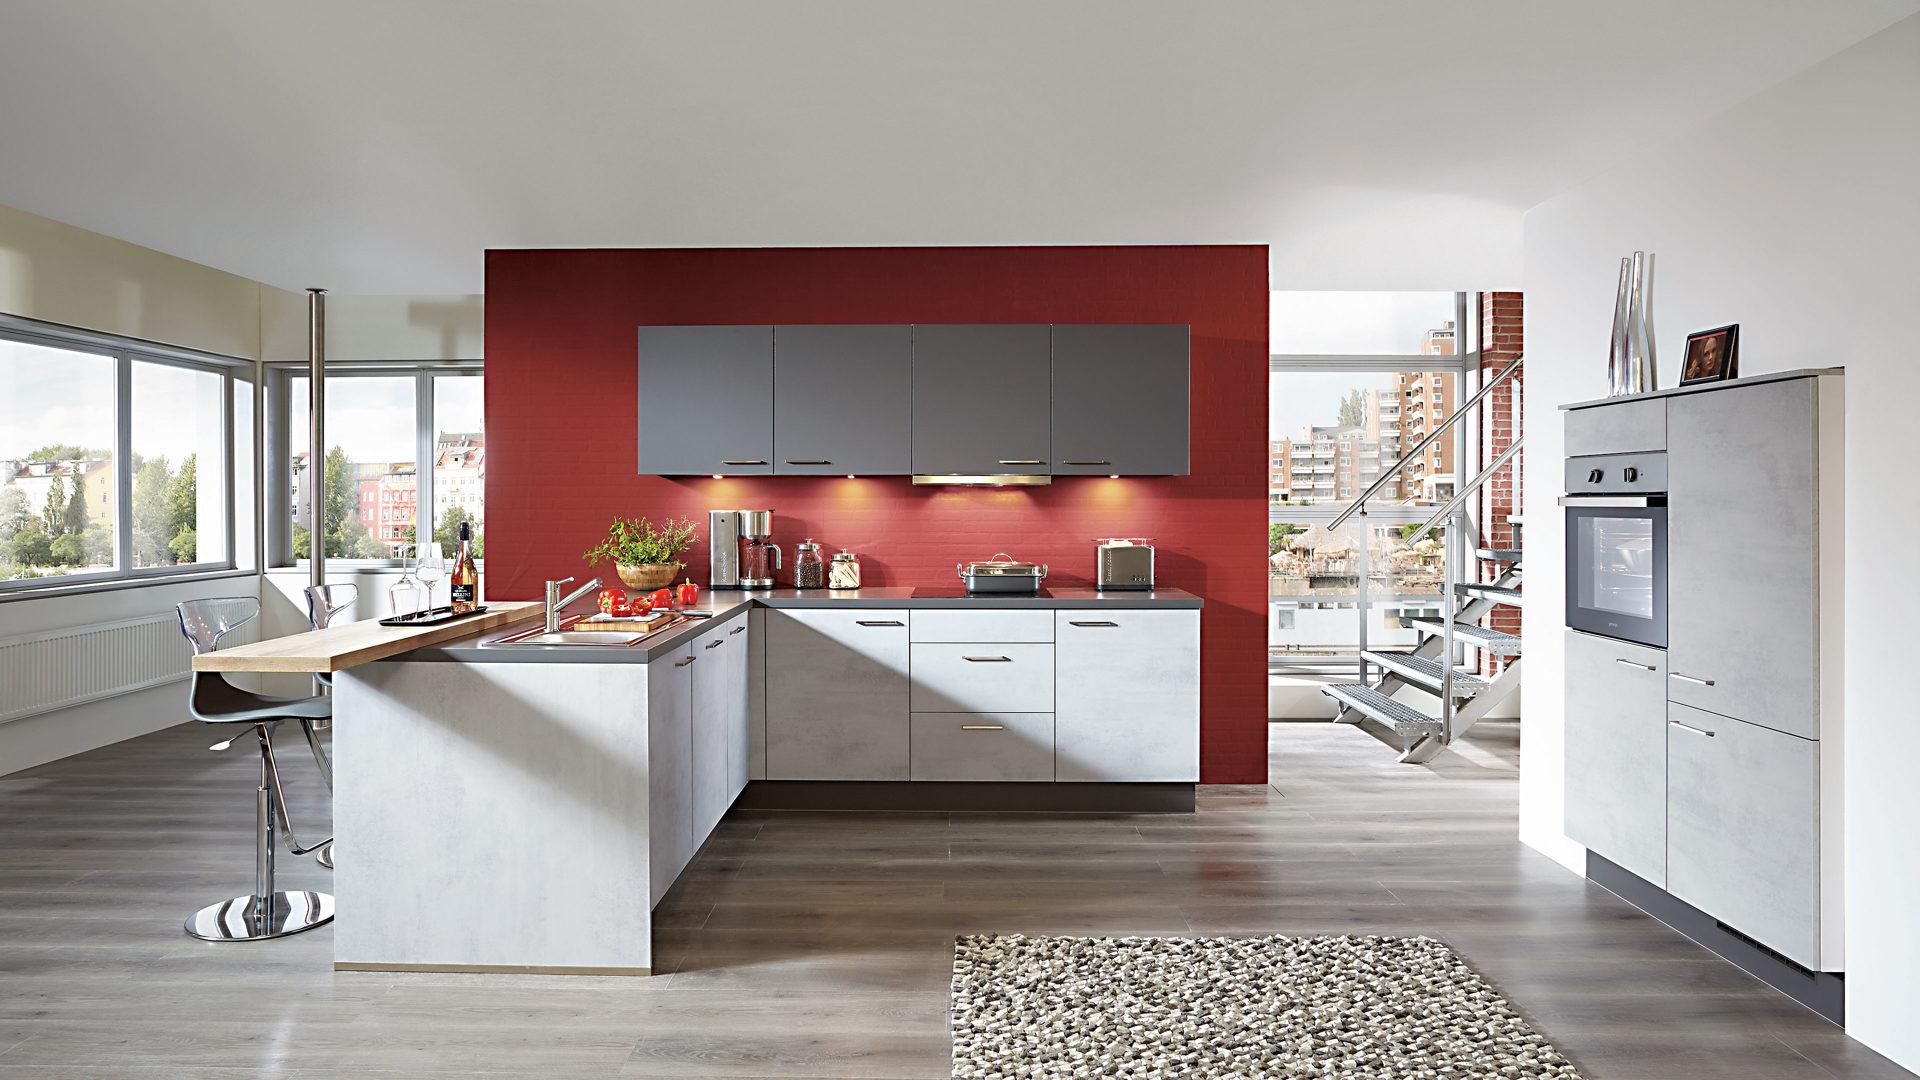 Best Küchen Herzer St Ingbert Gallery - Home Design Ideas ...